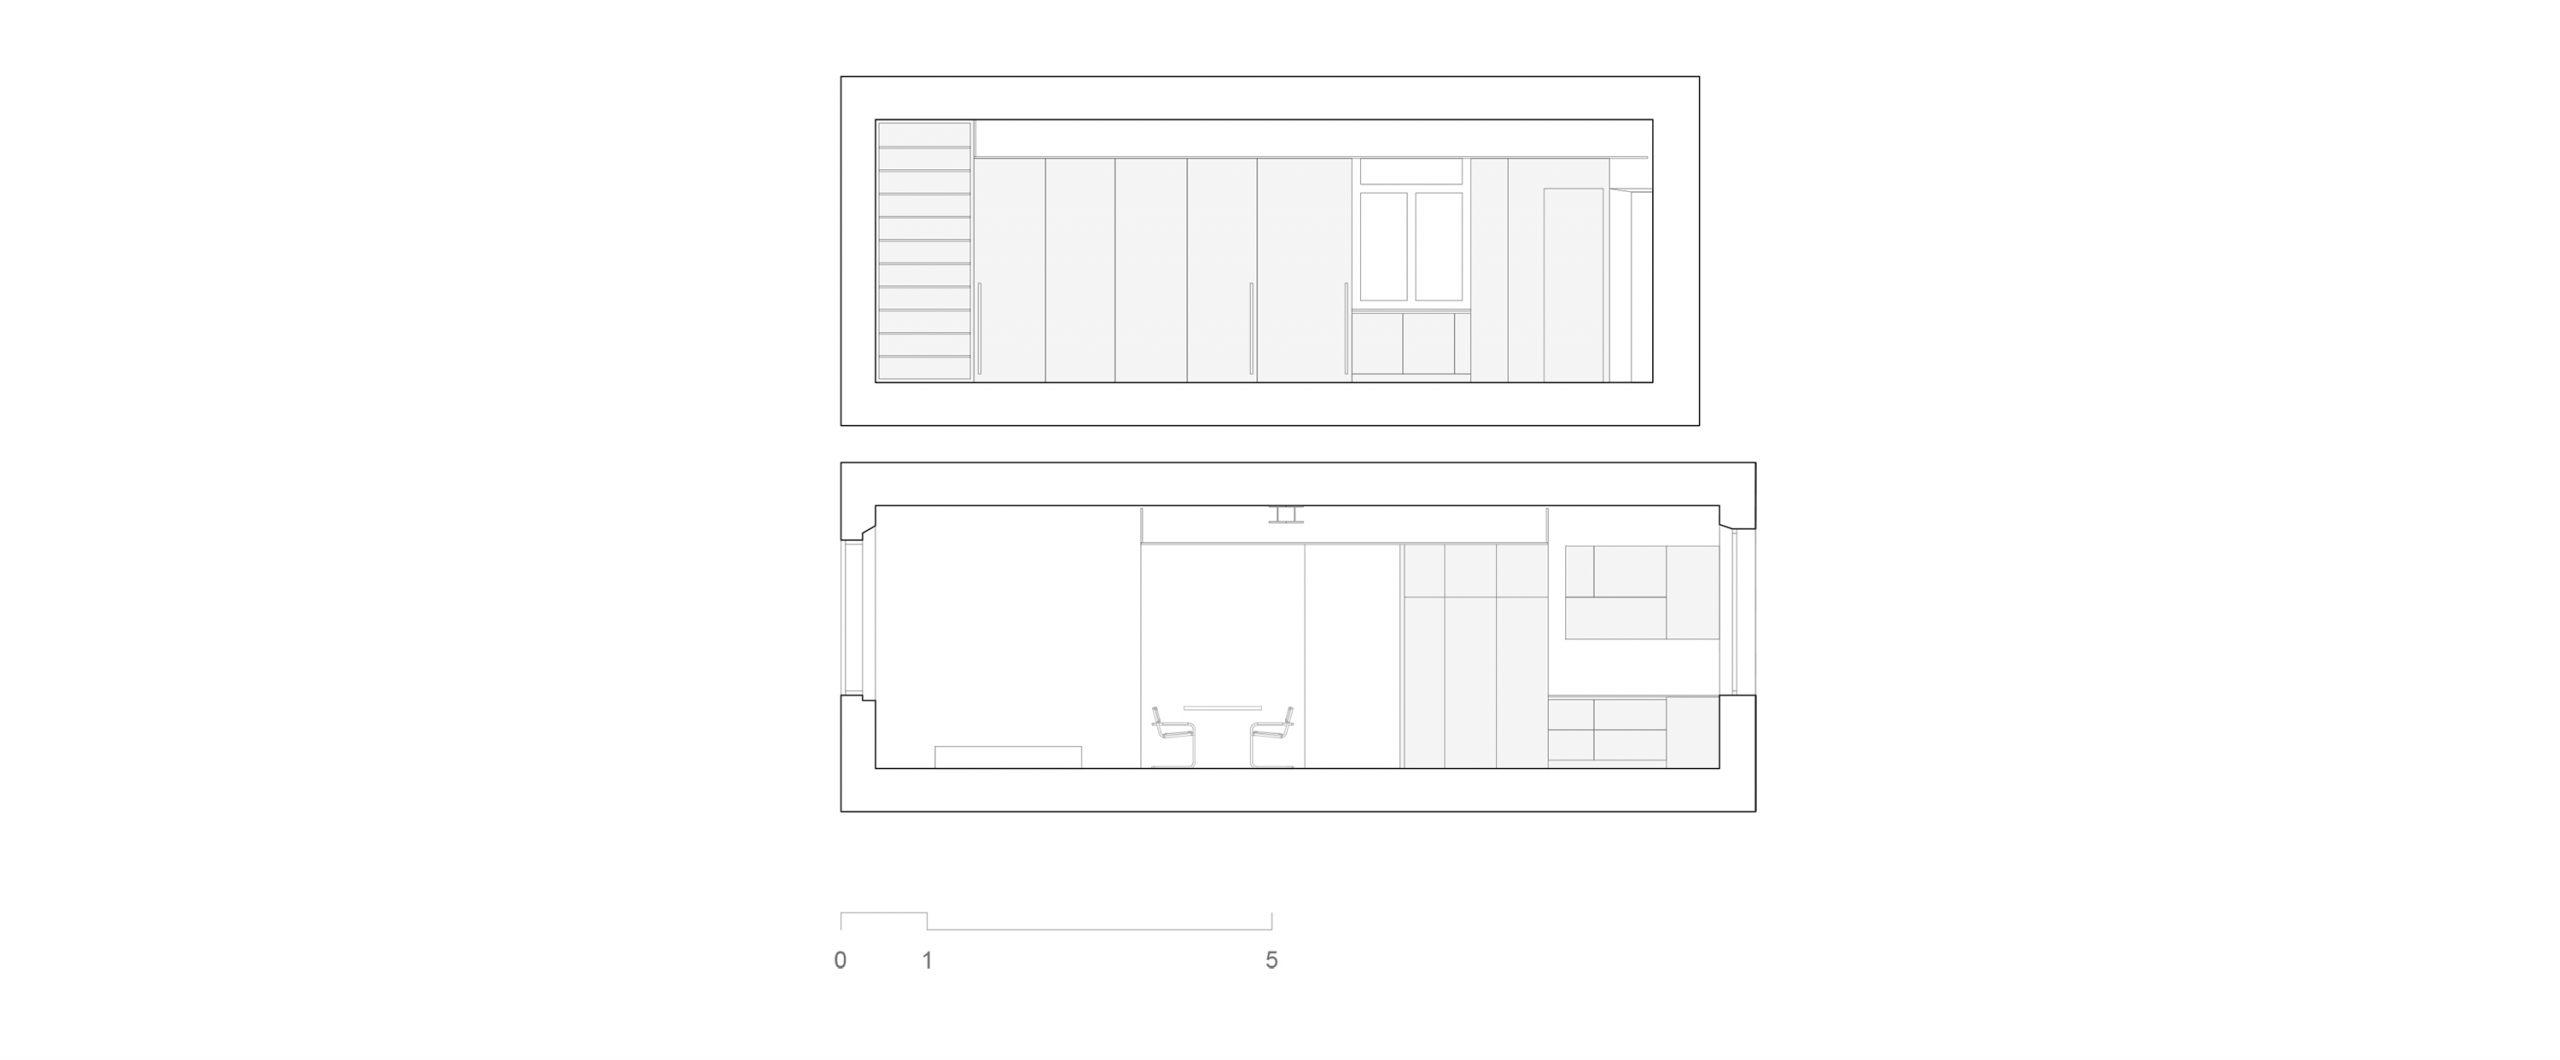 layout presentazione Arbeitsblatt _ Indipendente